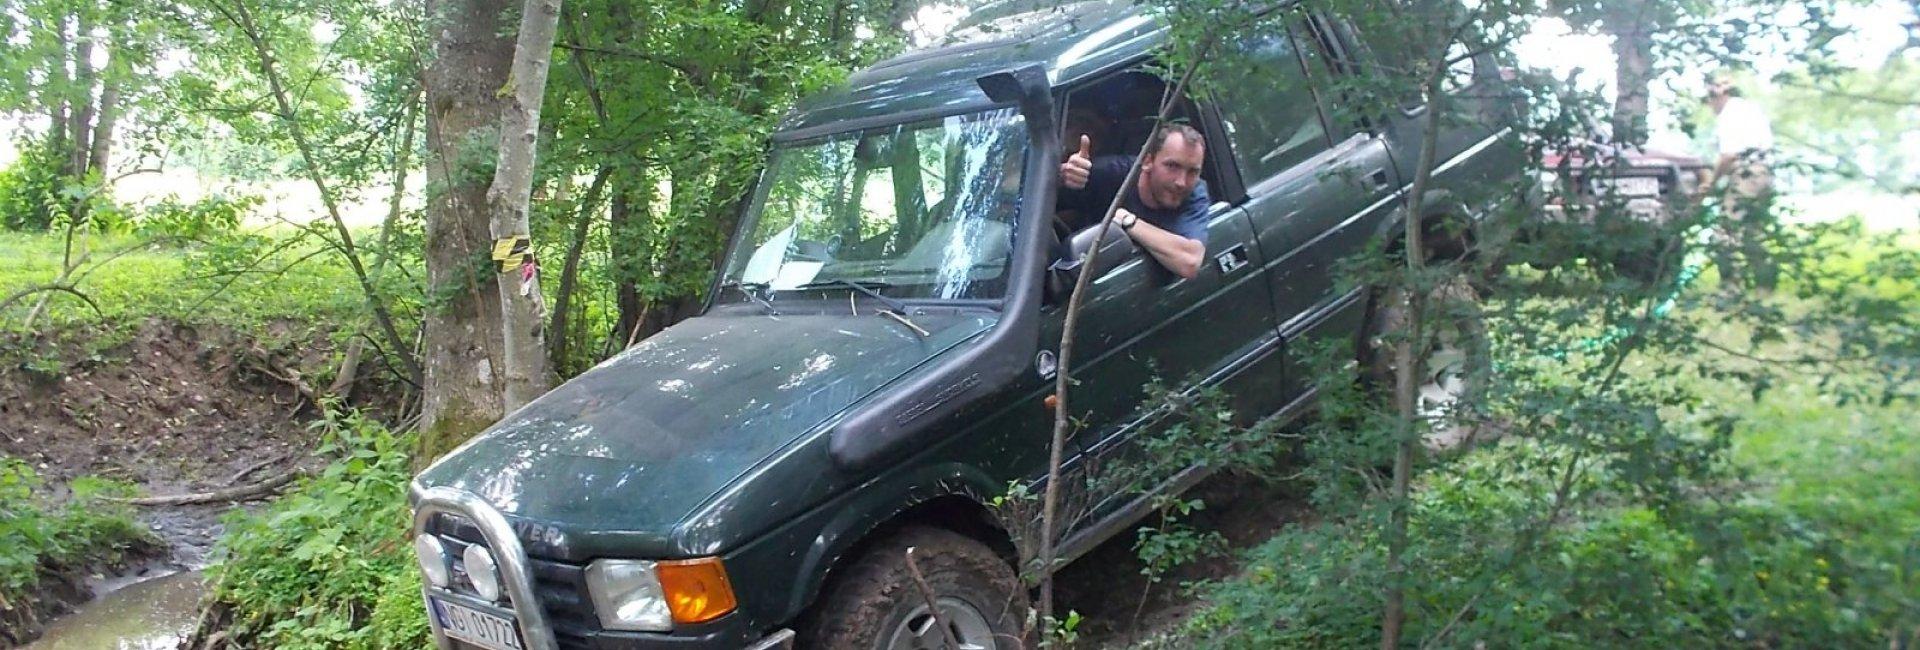 """Wyprawa: """"Tajemnicze Mazury"""" off-road"""